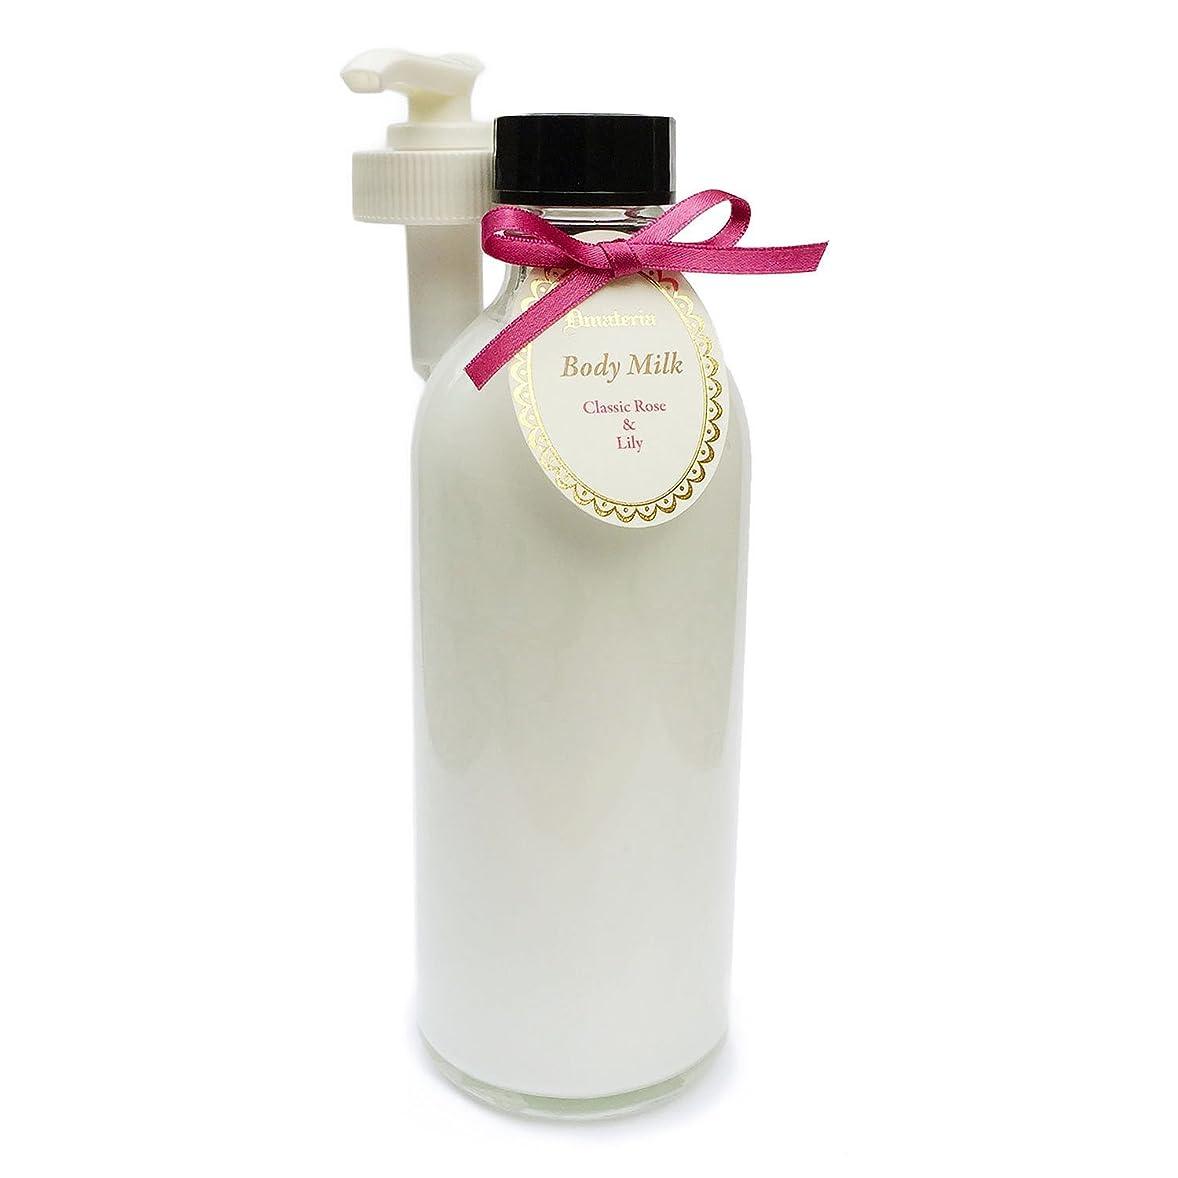 教会シエスタ逃すD materia ボディミルク クラシックローズ&リリー Classic Rose&Lily Body Milk ディーマテリア